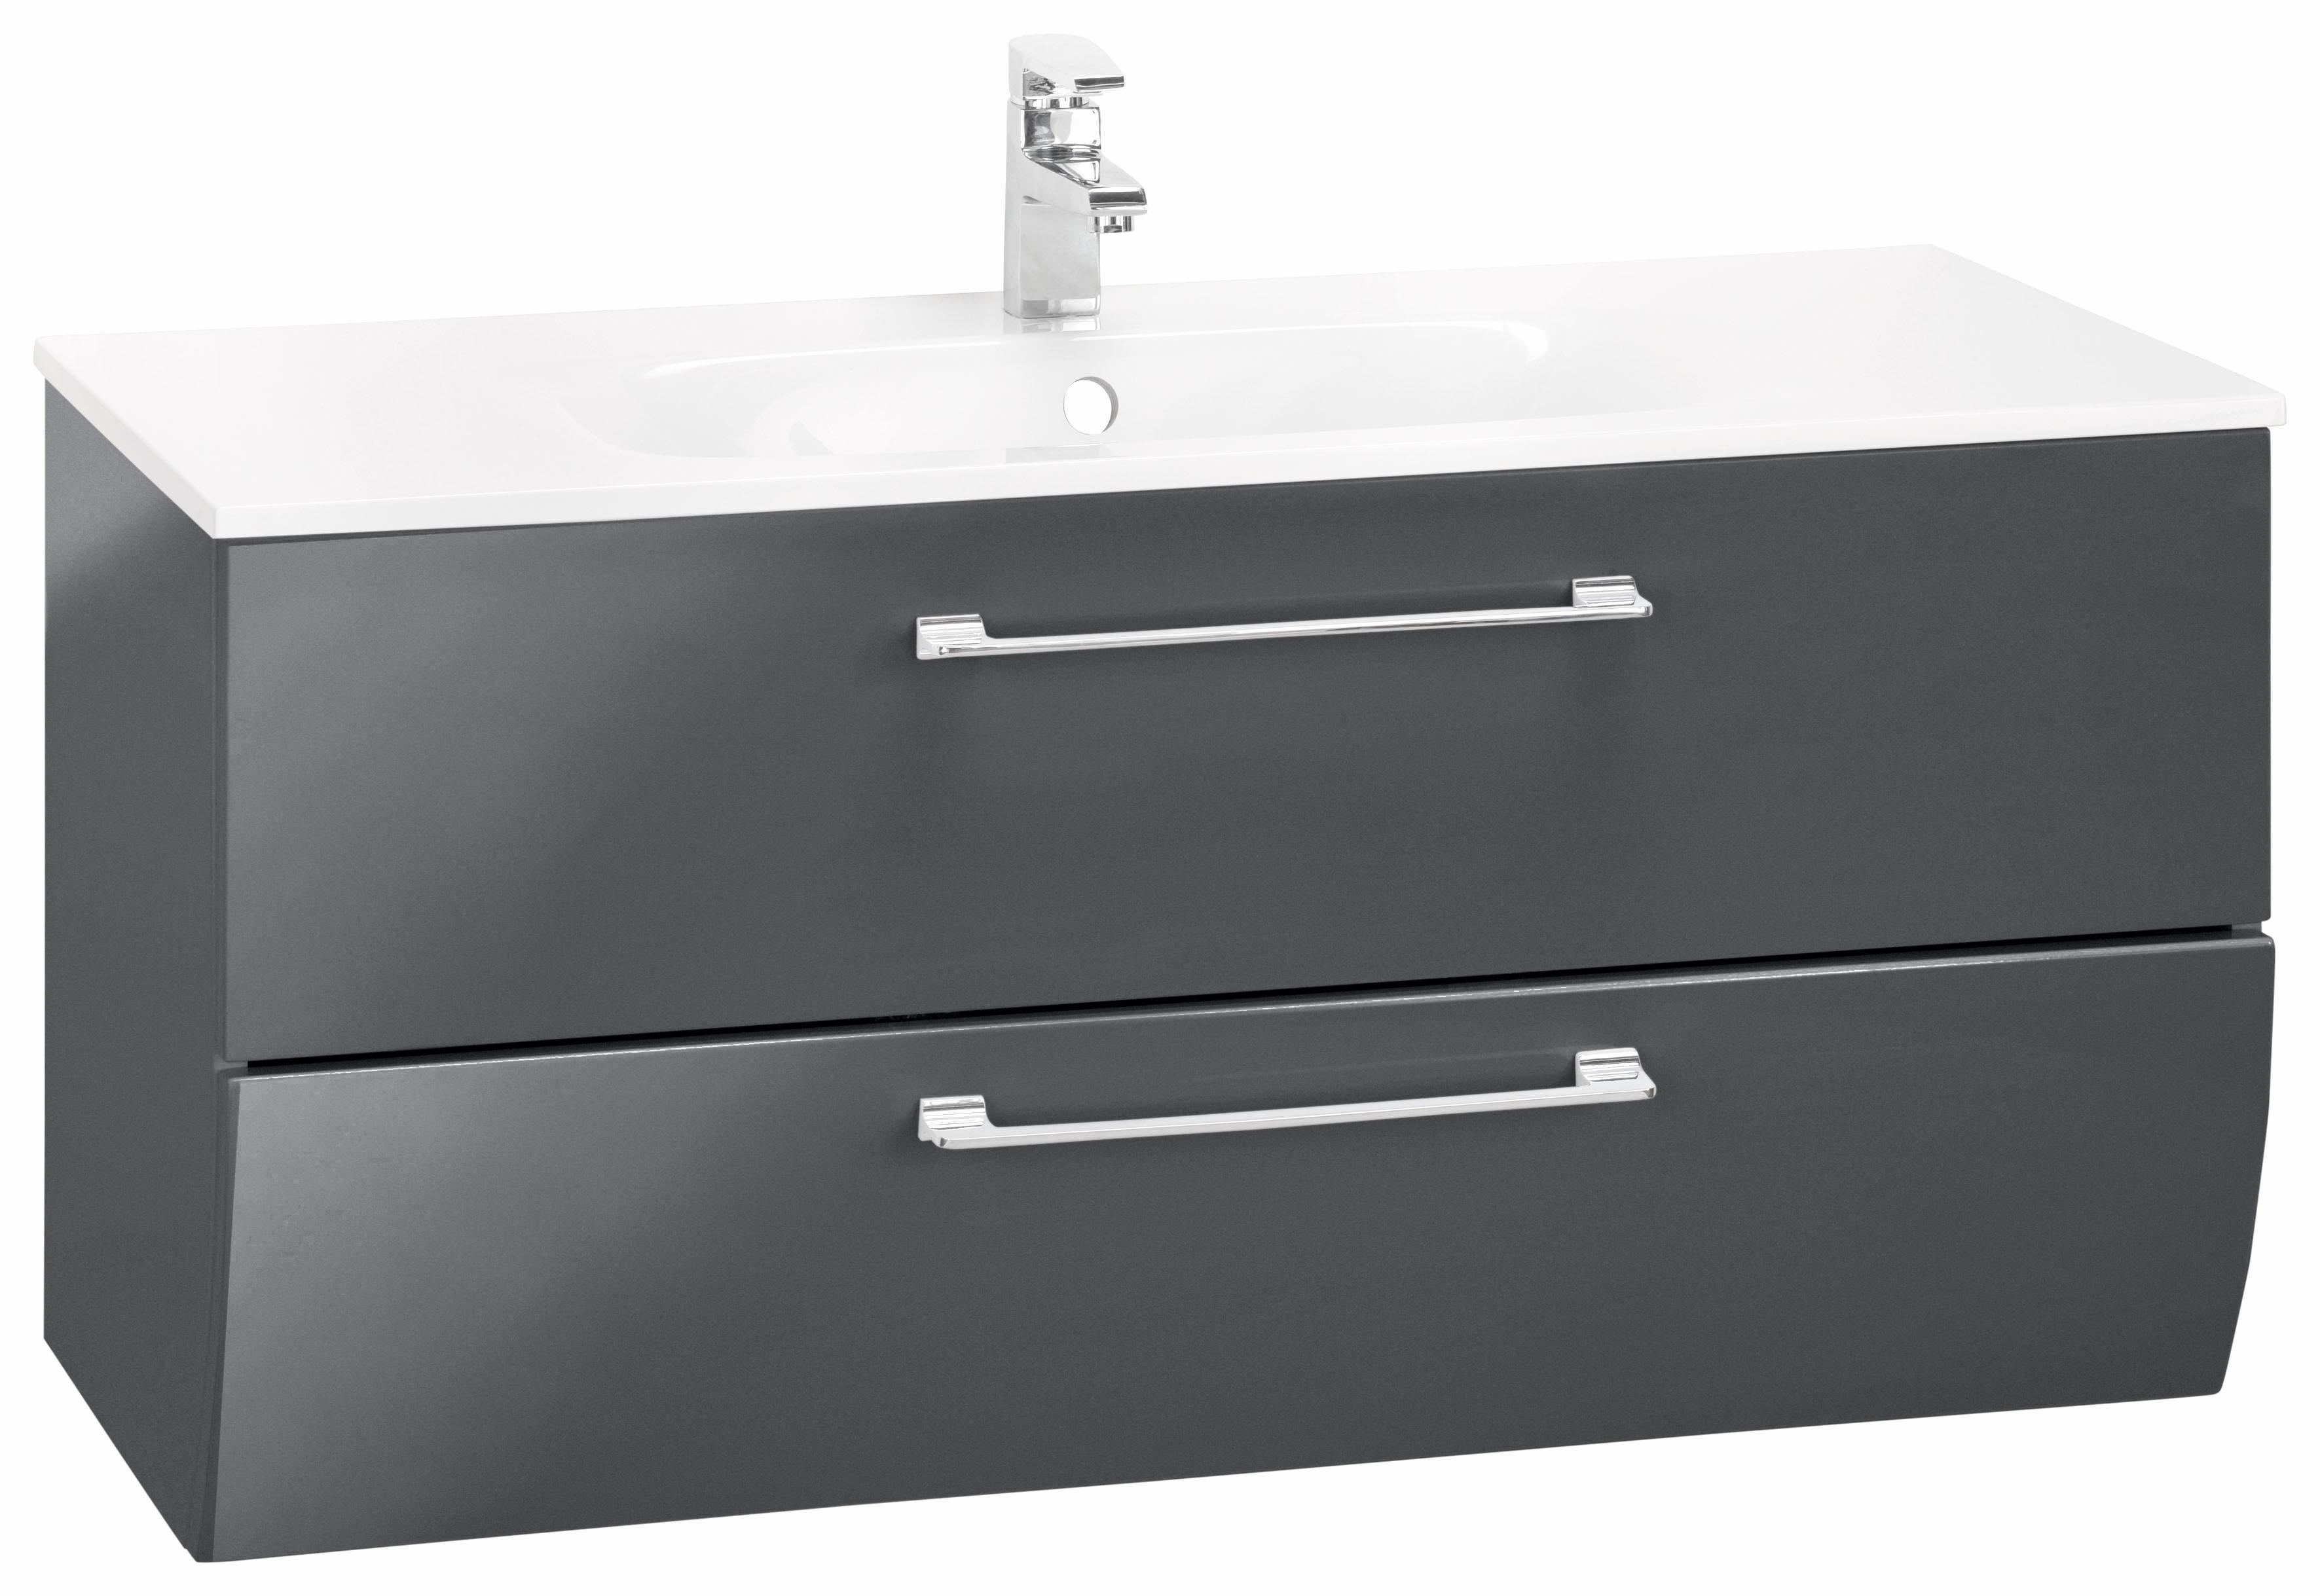 Marlin Badmöbel-Sets online kaufen | Möbel-Suchmaschine | ladendirekt.de